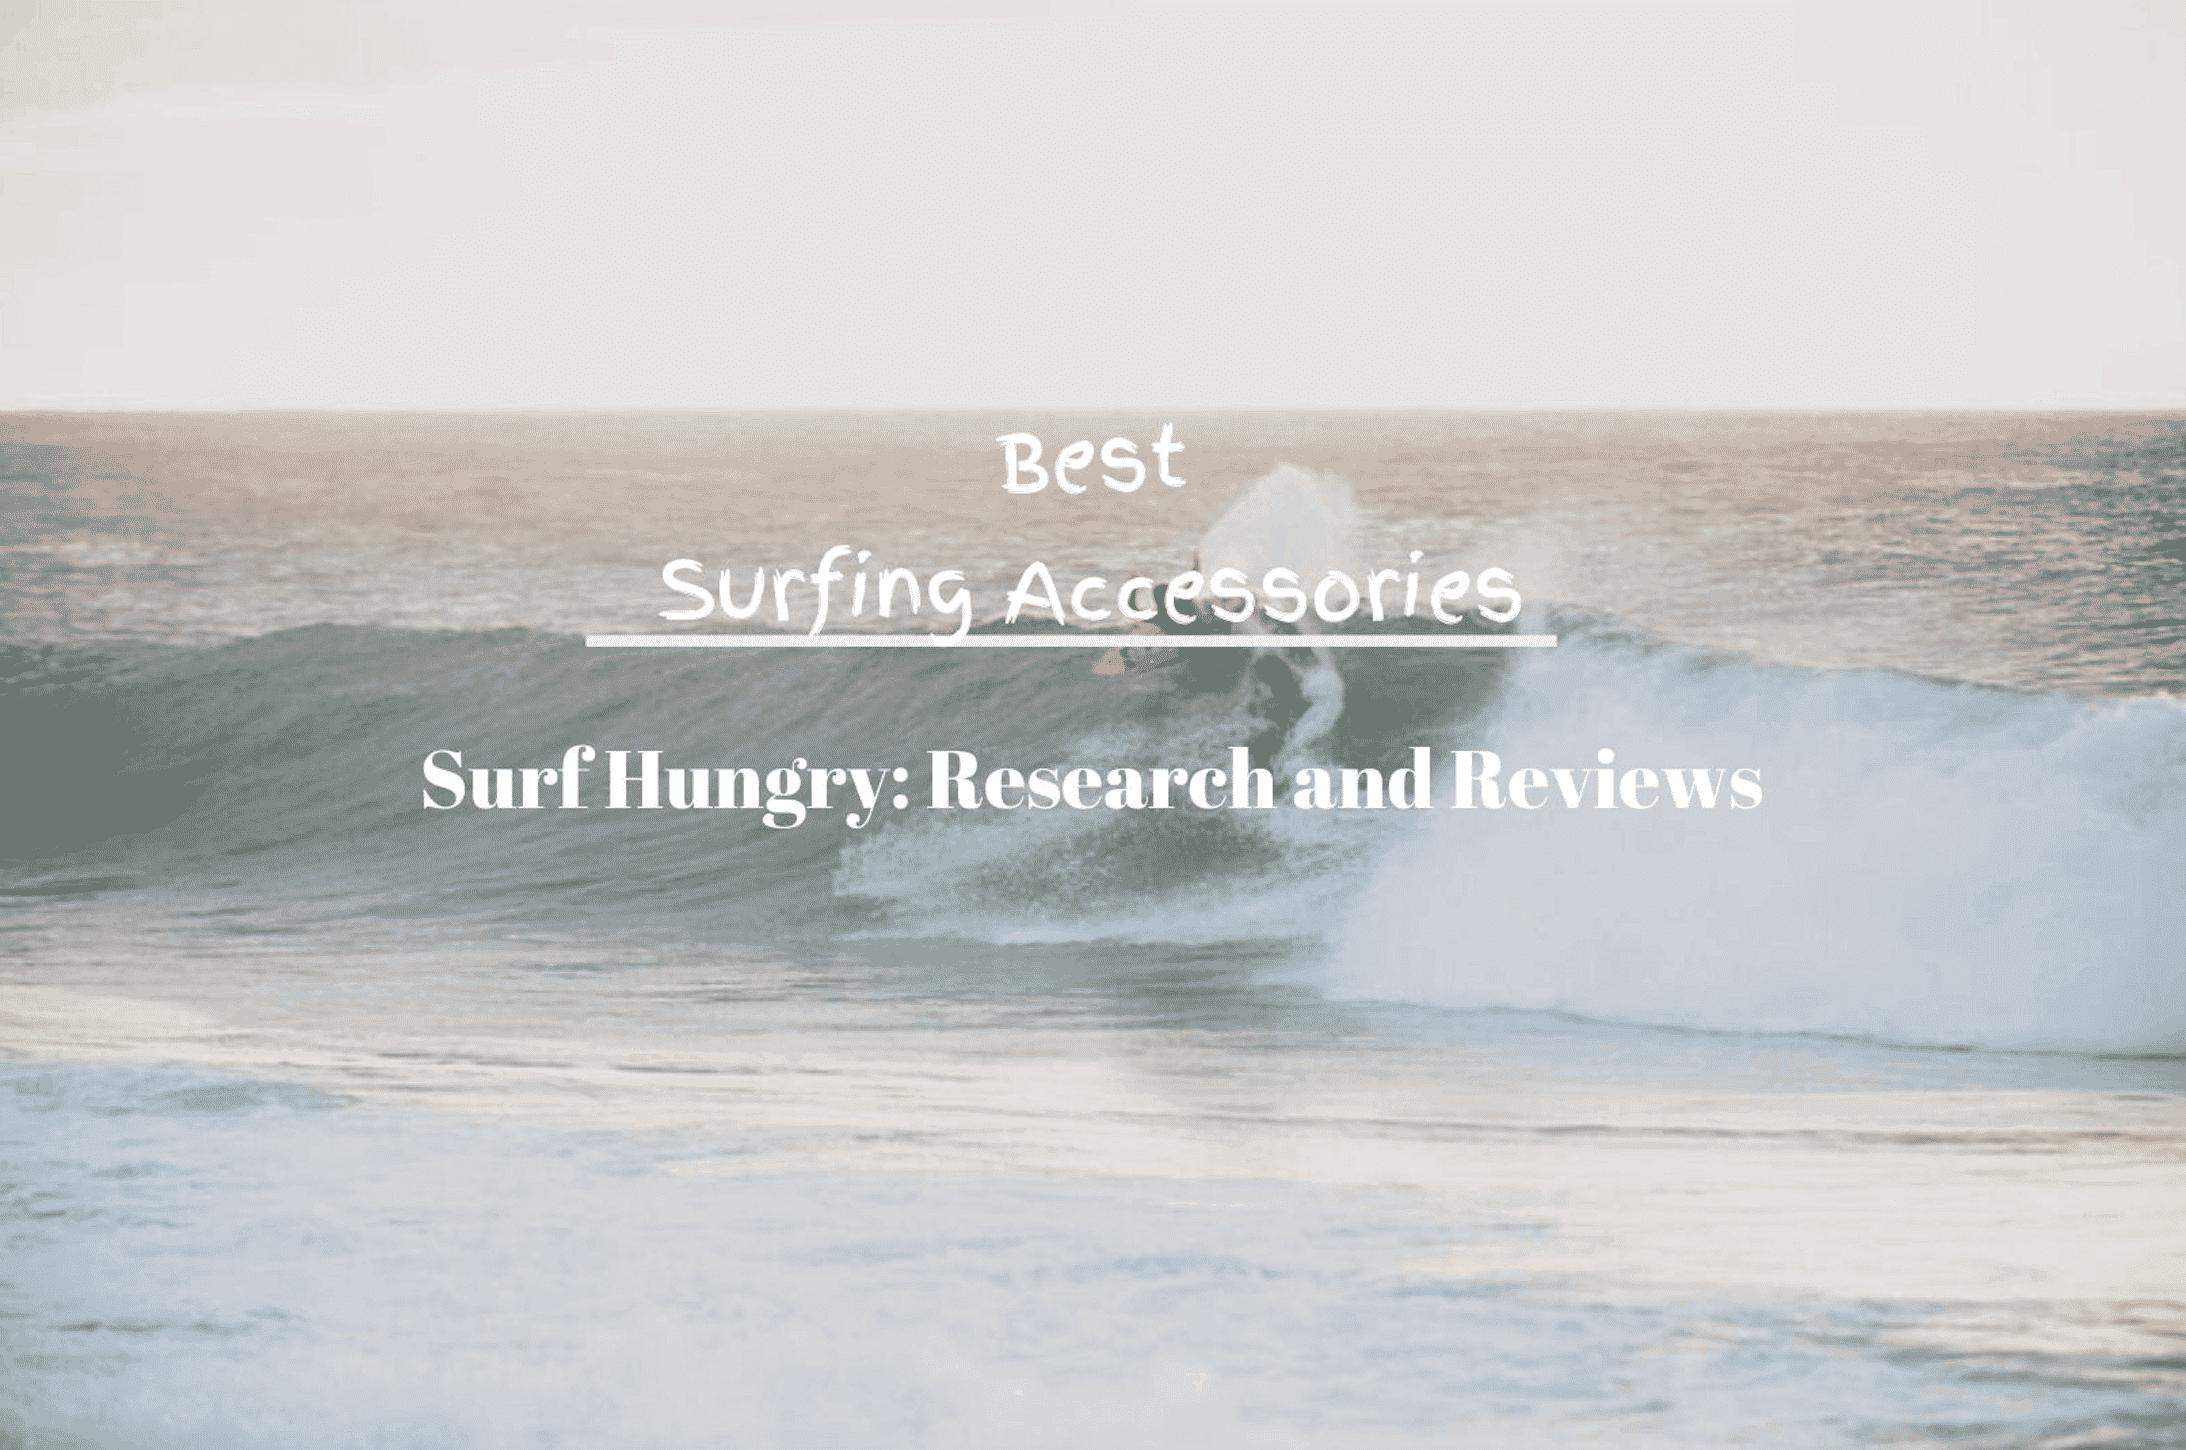 best surfing accessories